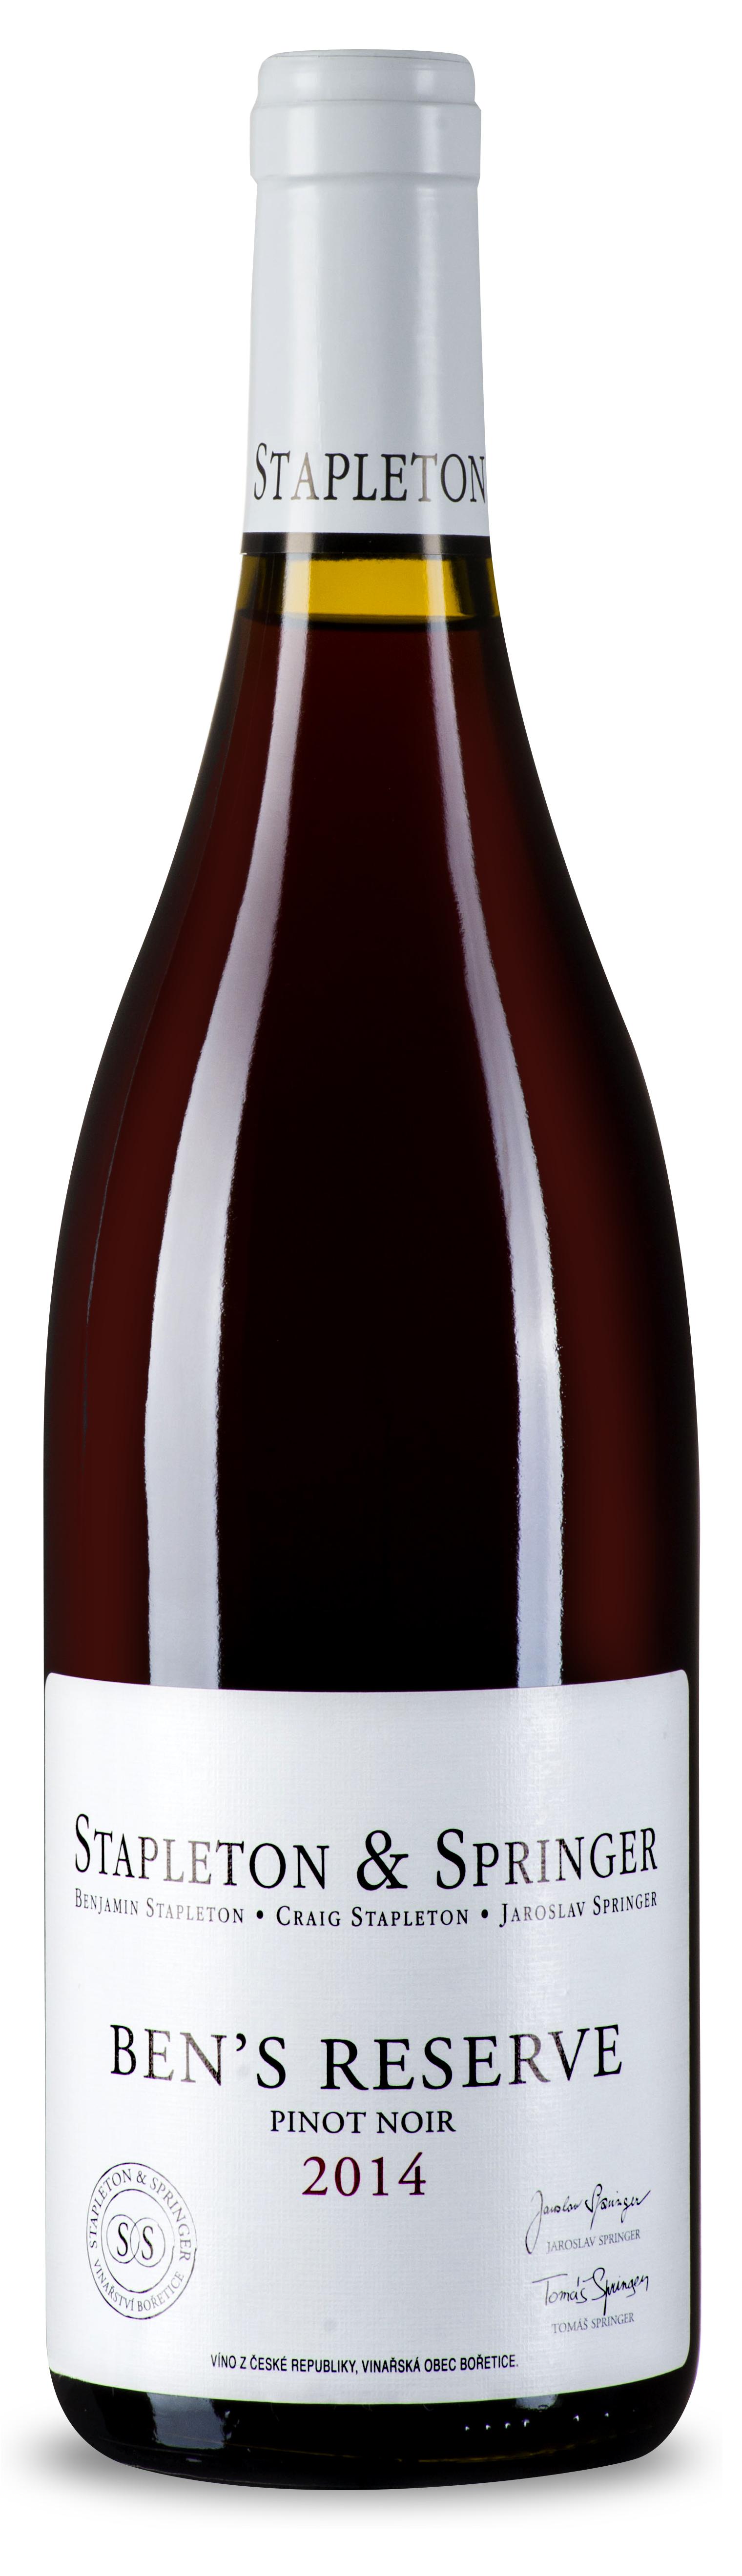 Stapleton-Springer Pinot noir Ben's reserve 2014